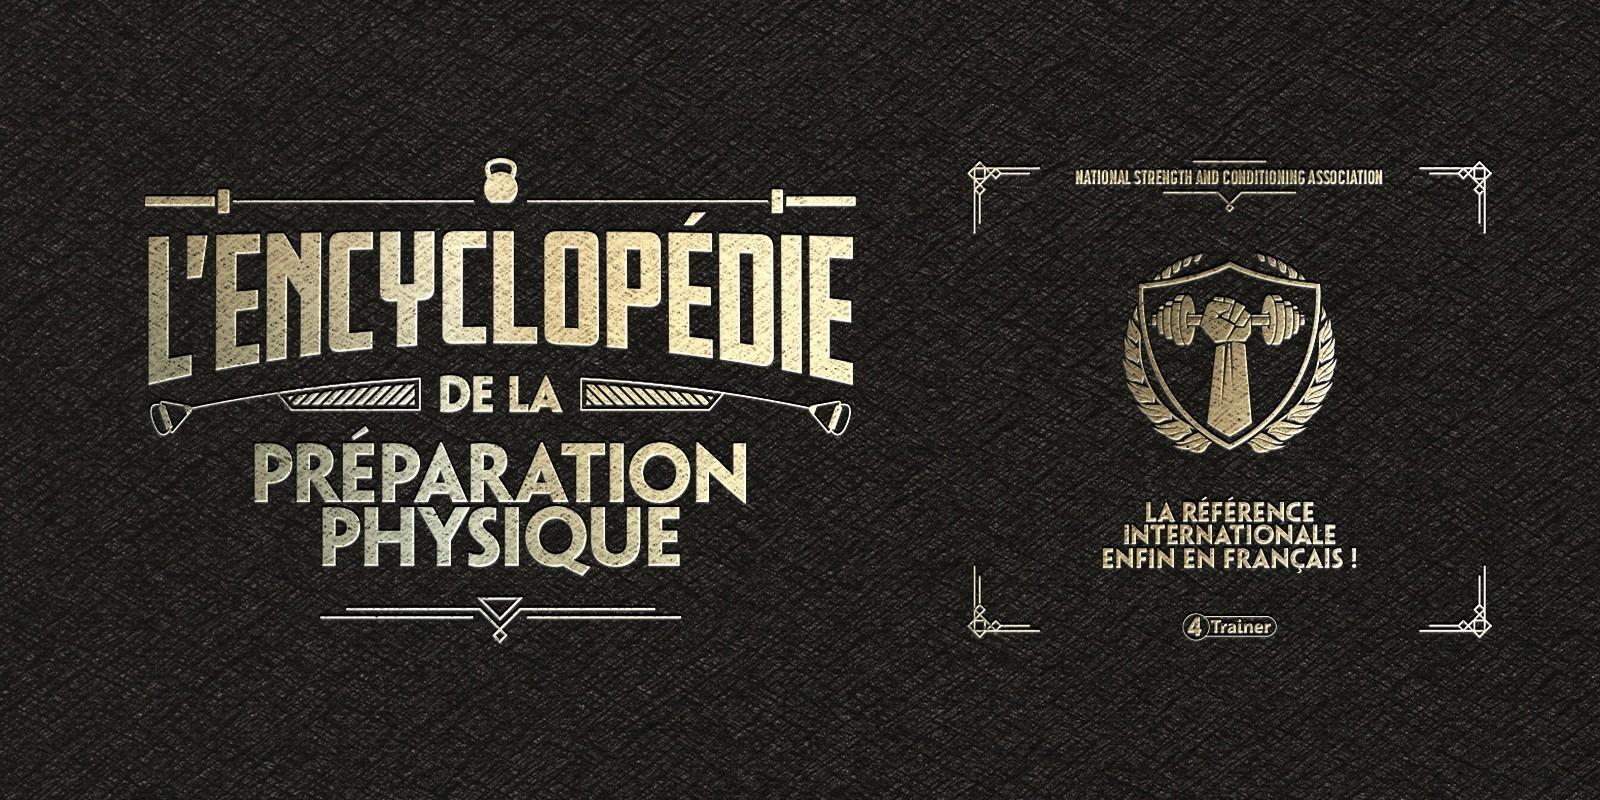 L'Encyclopédie de la Préparation Physique - La Référence Internationale enfin en Français !